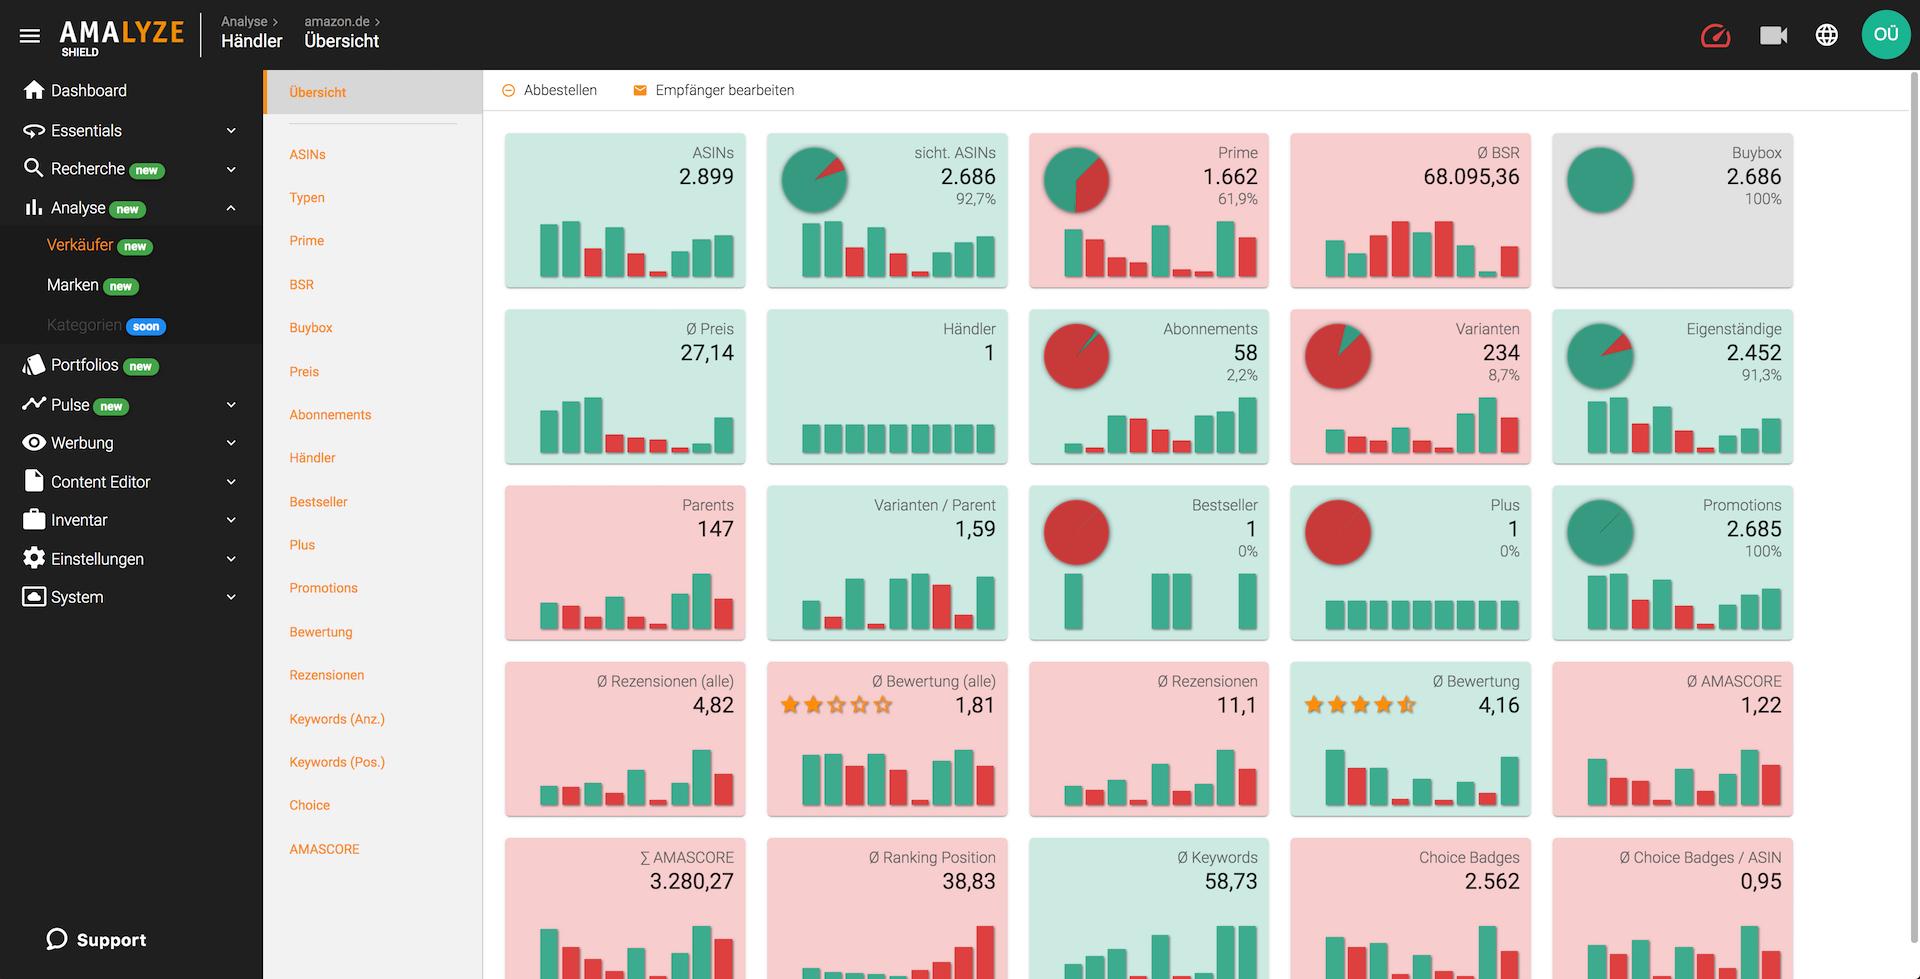 Tool für Amazon Shield_Verkäufer Analyse_Portfolio KPI Übersicht